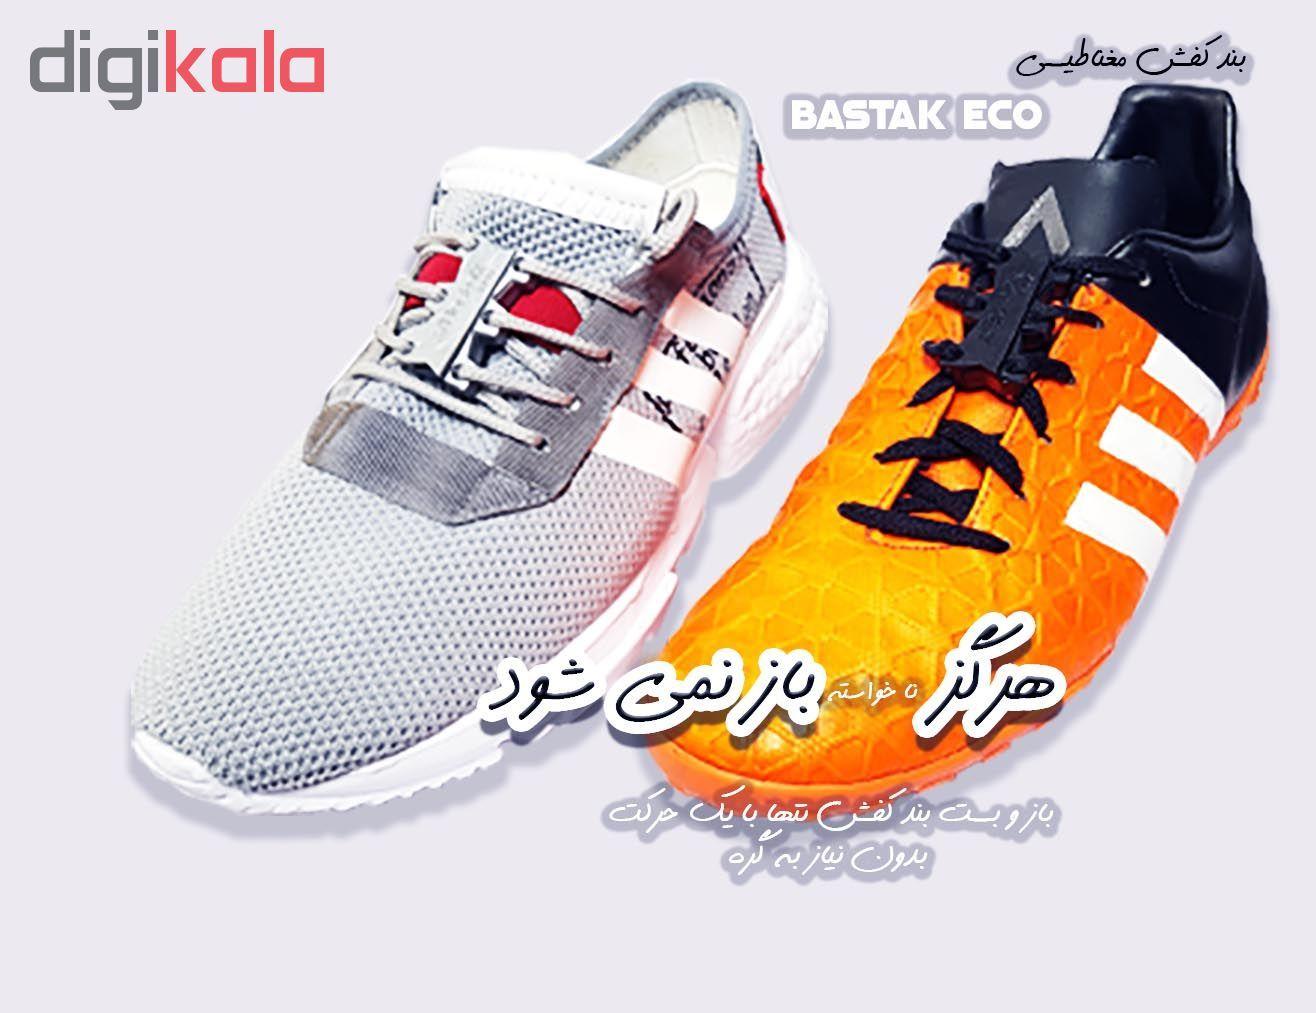 بند کفش مغناطیسی بستاک کد E116 main 1 17